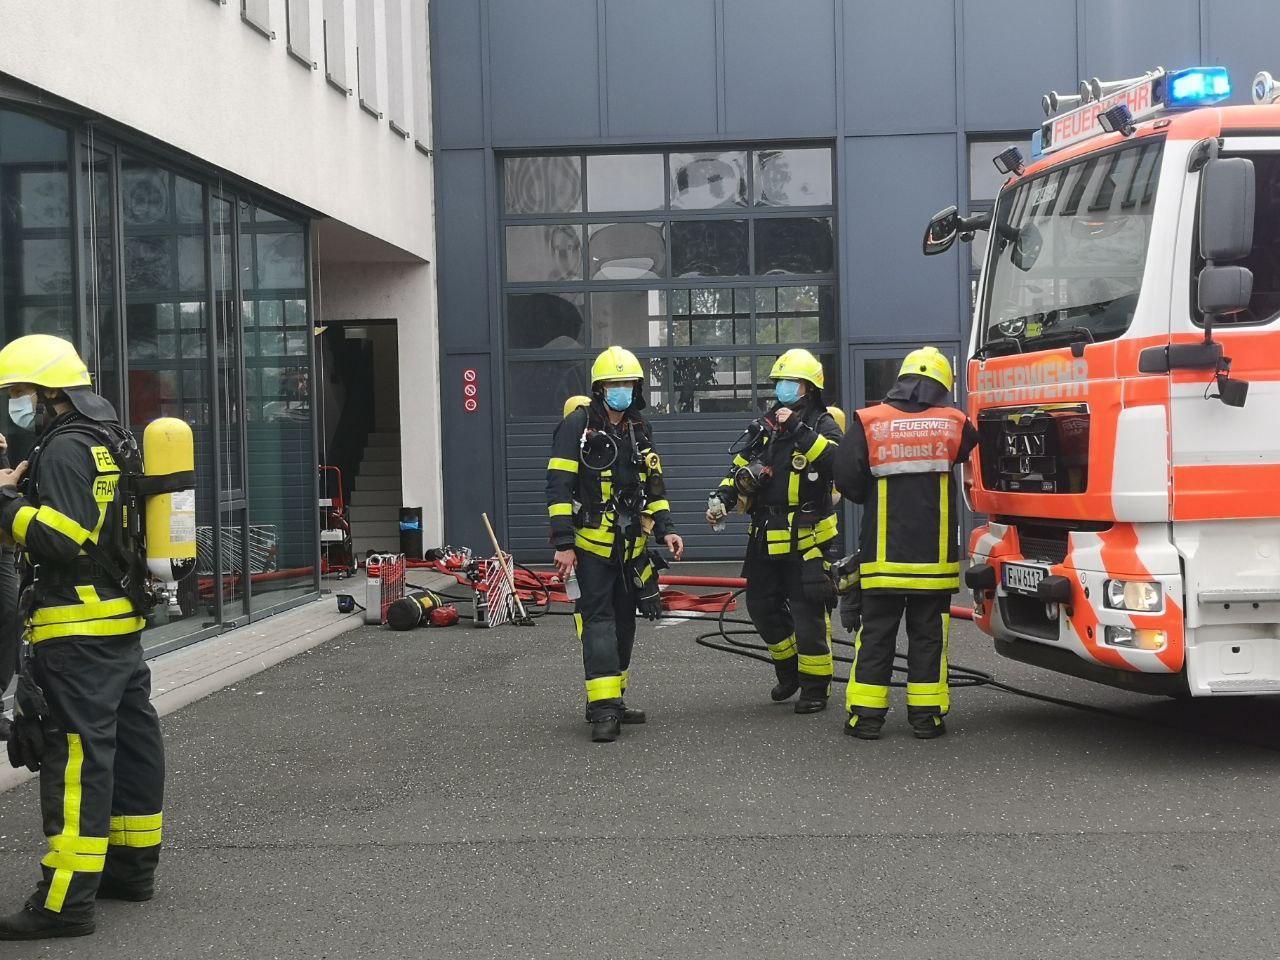 Feuer in einem Technikraum der Kfz-Zulassungsstelle.